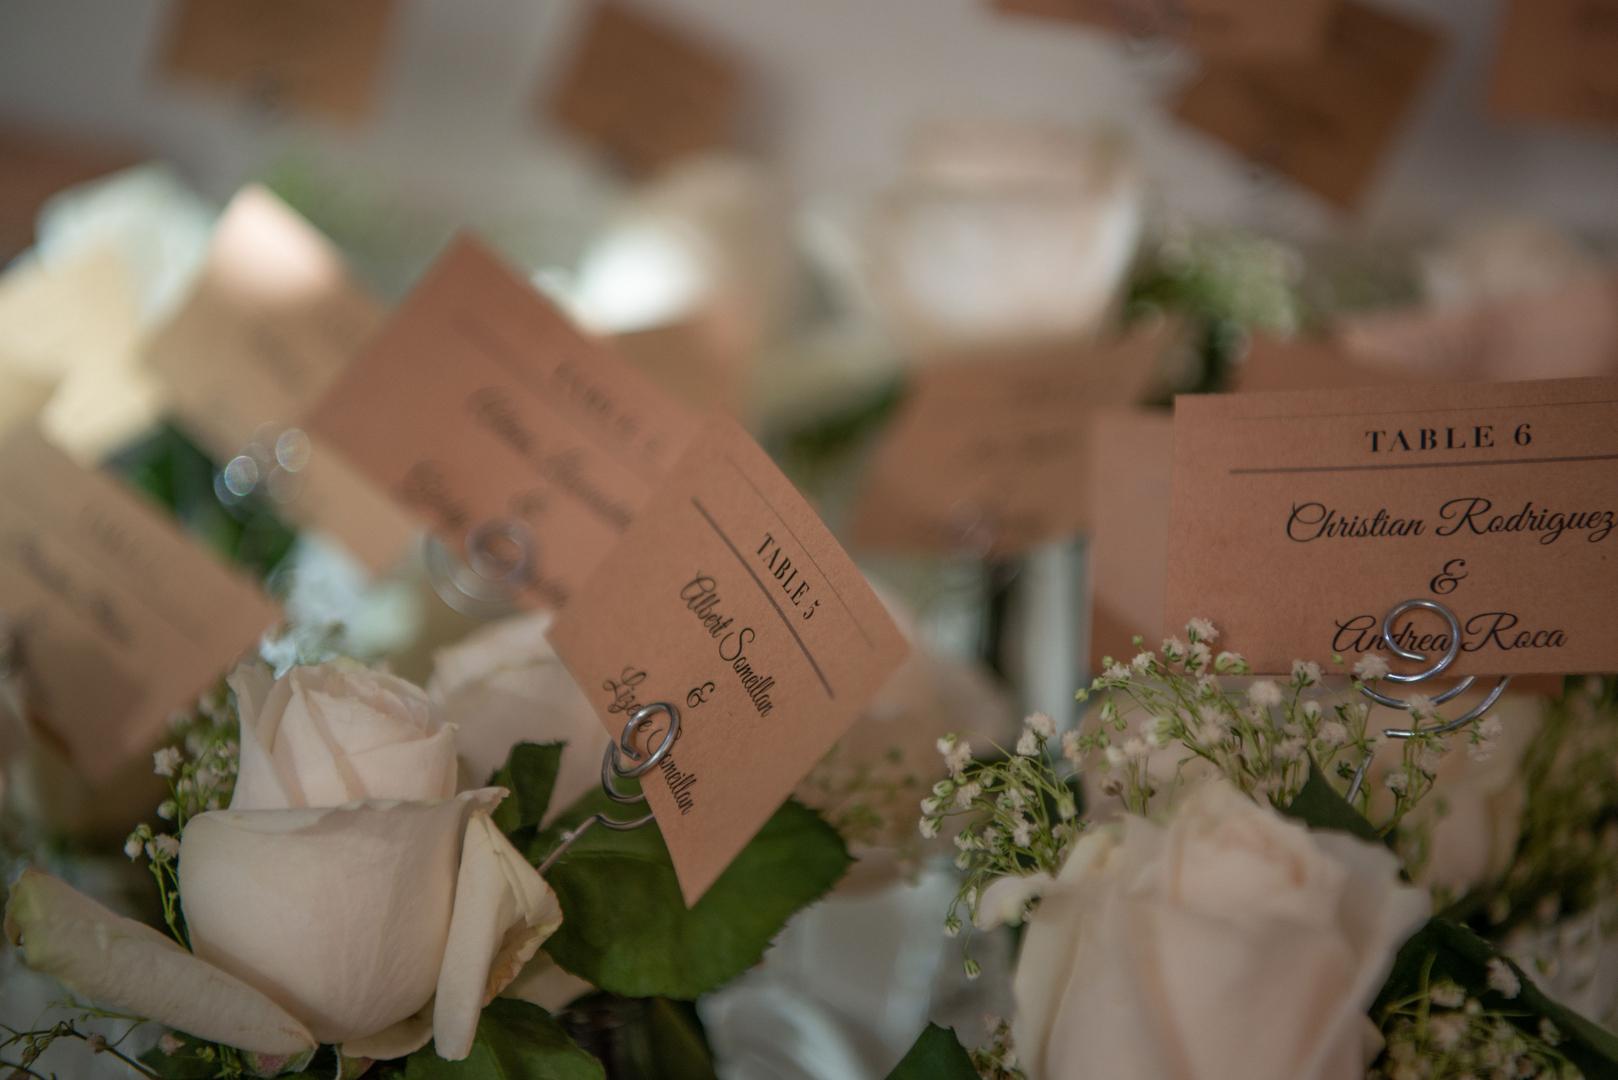 Studio305 Reception Hall Banquet Wedding Venue